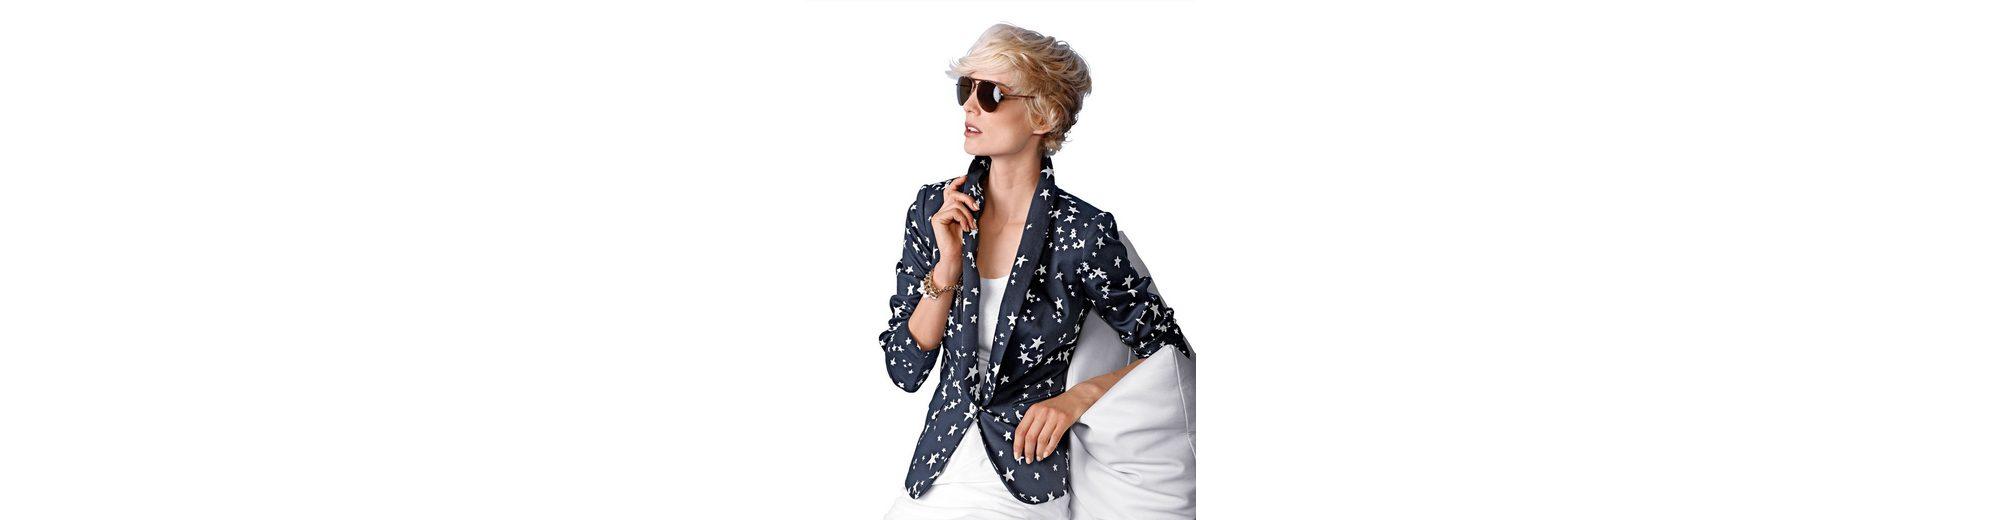 Freies Verschiffen Größte Lieferant Günstig Kaufen Viele Arten Von Alba Moda Blazer mit Sterneprint Verkauf Hochwertige Offiziell Nicekicks YTQLT